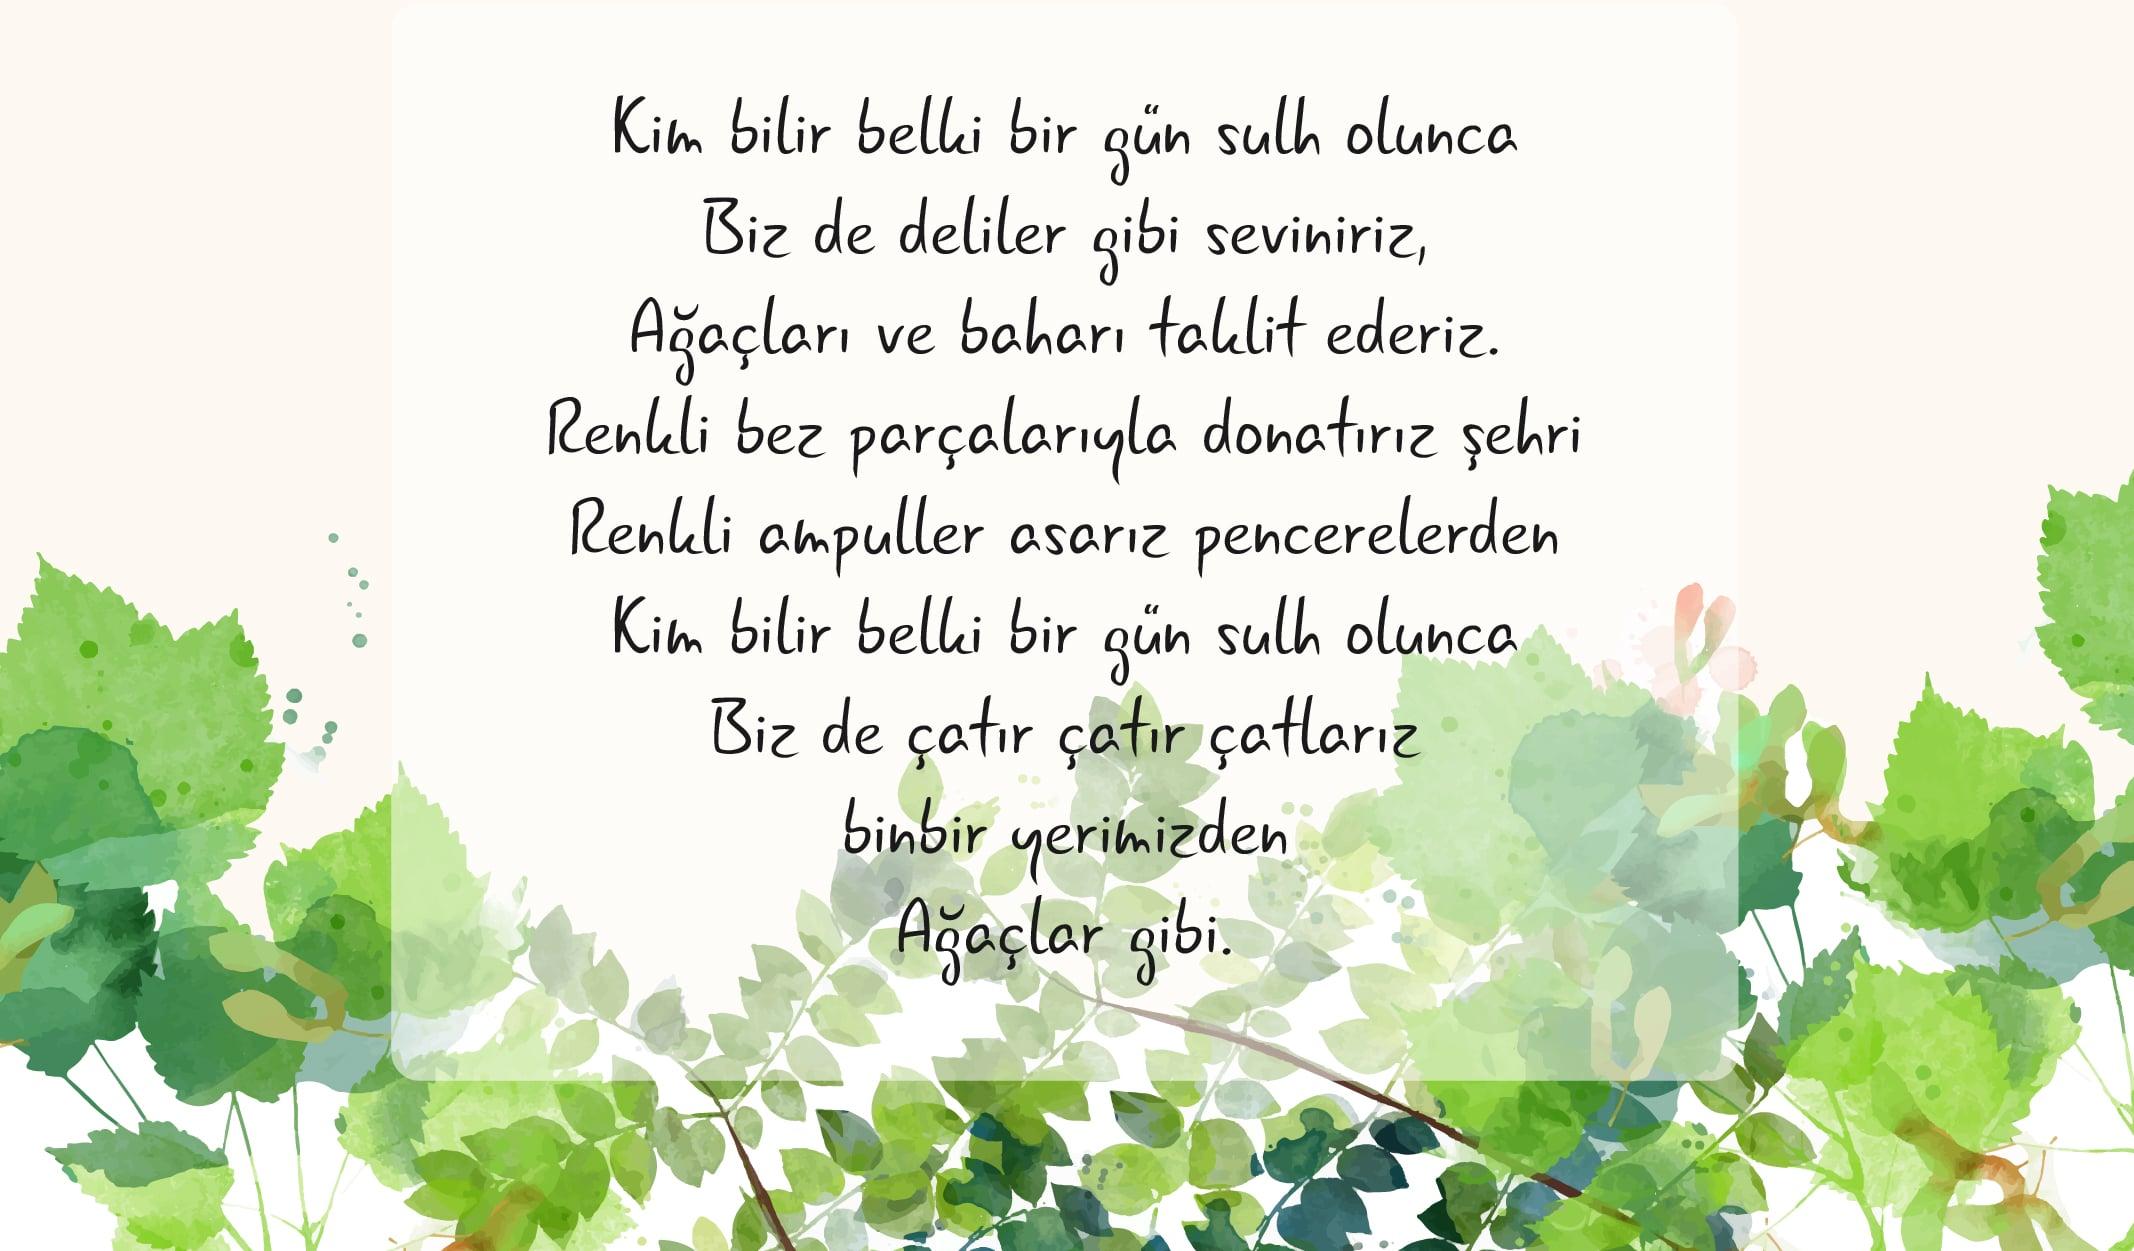 bahar şiirleri